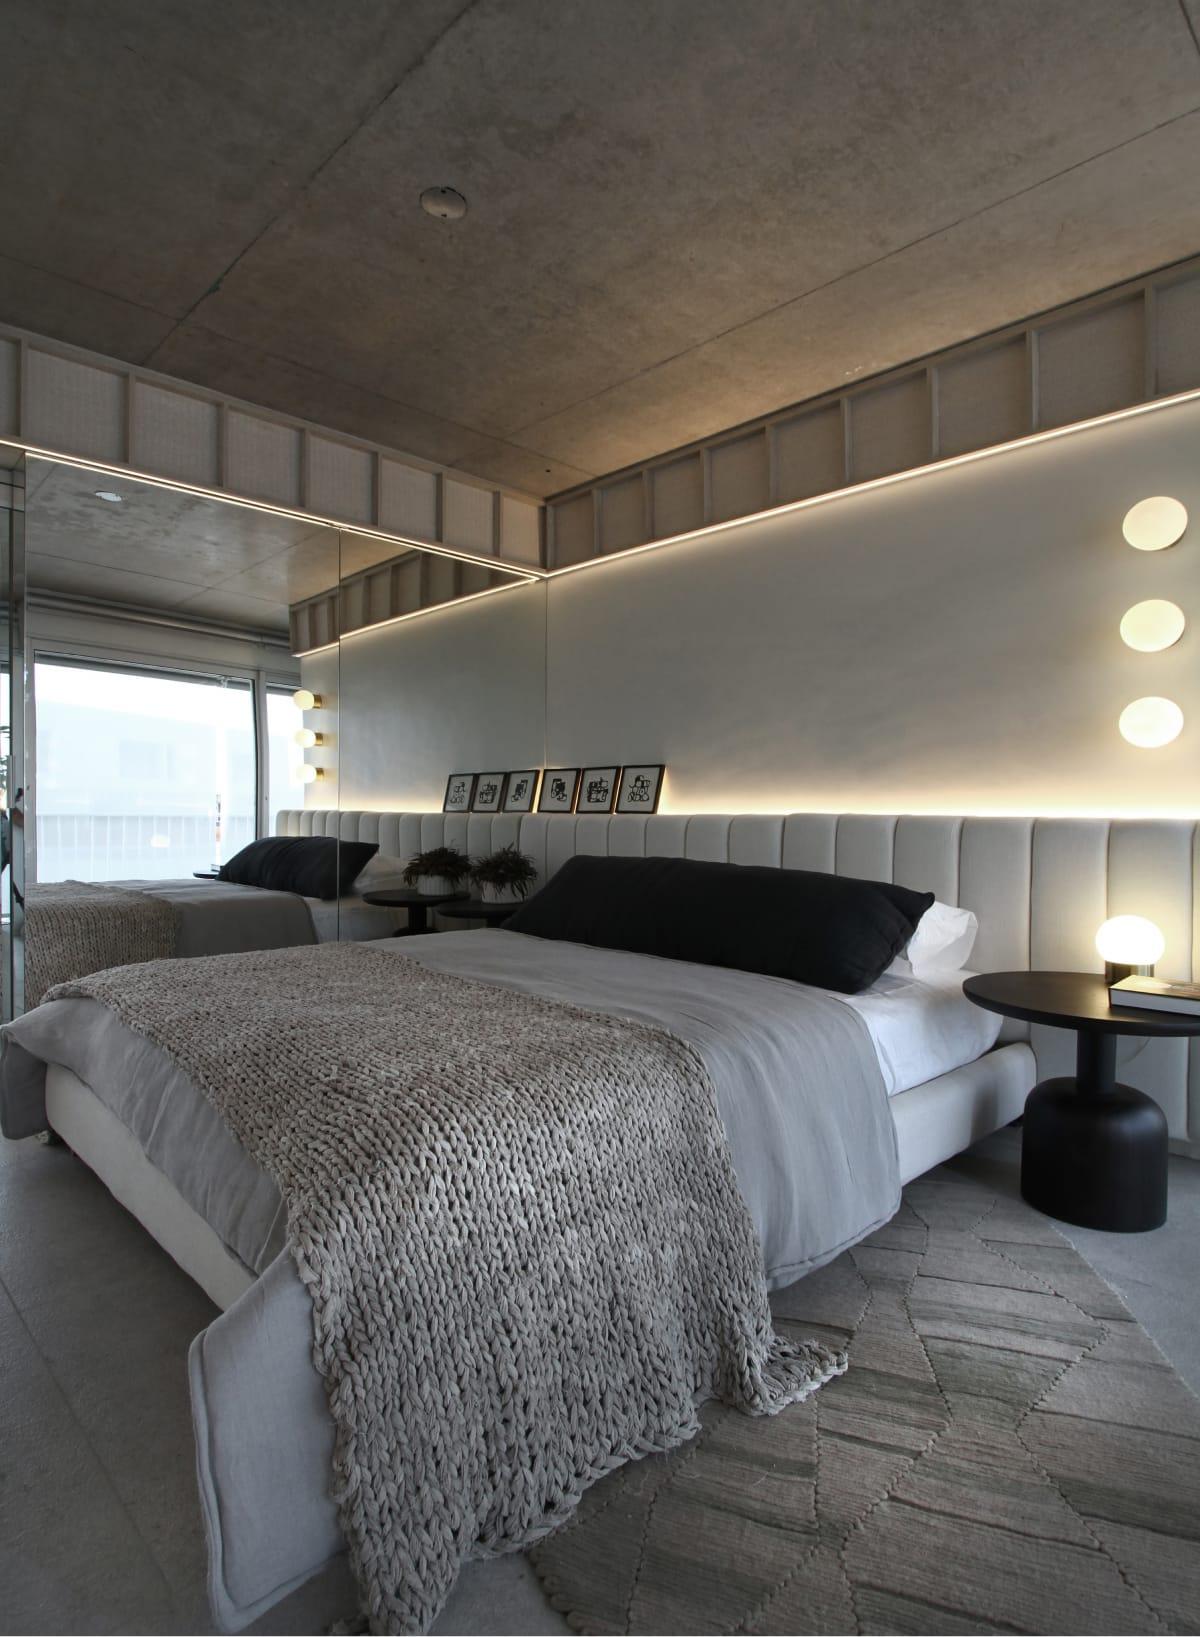 Colchón y sommier de la línea Rosen Deco en el dormitorio de la unidad diseñada por Viviana Melamed.